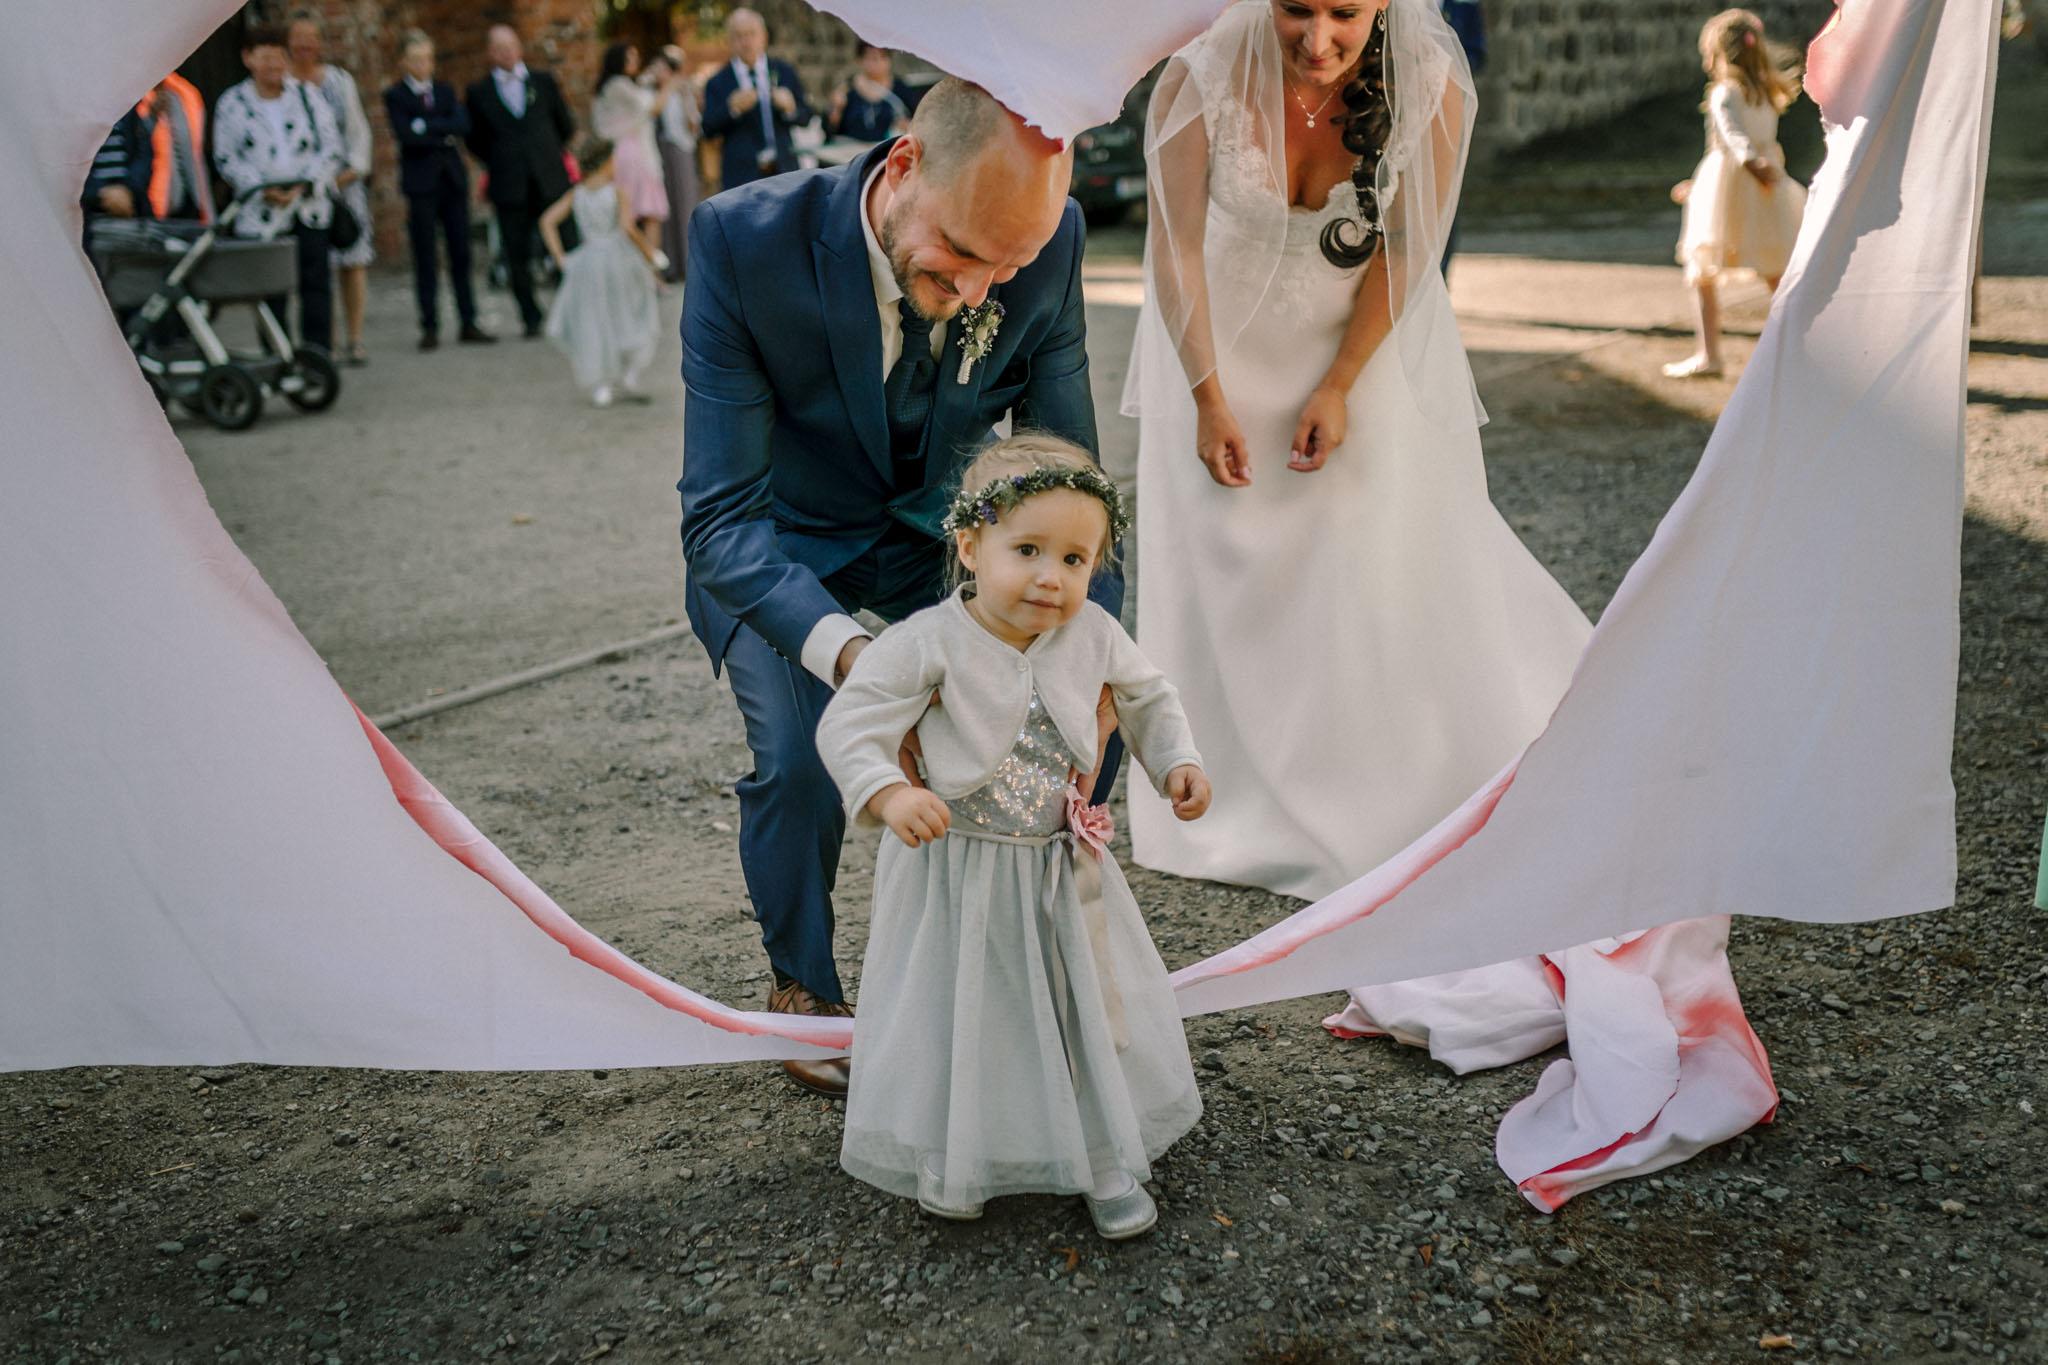 Hochzeitsfieber by Photo-Schomburg, Hochzeitsfotograf, Hamburg,Hochzeitstag, Hochzeitspaar, Braut, Bräutigam, Literaturhauscafe Zarrentin-63